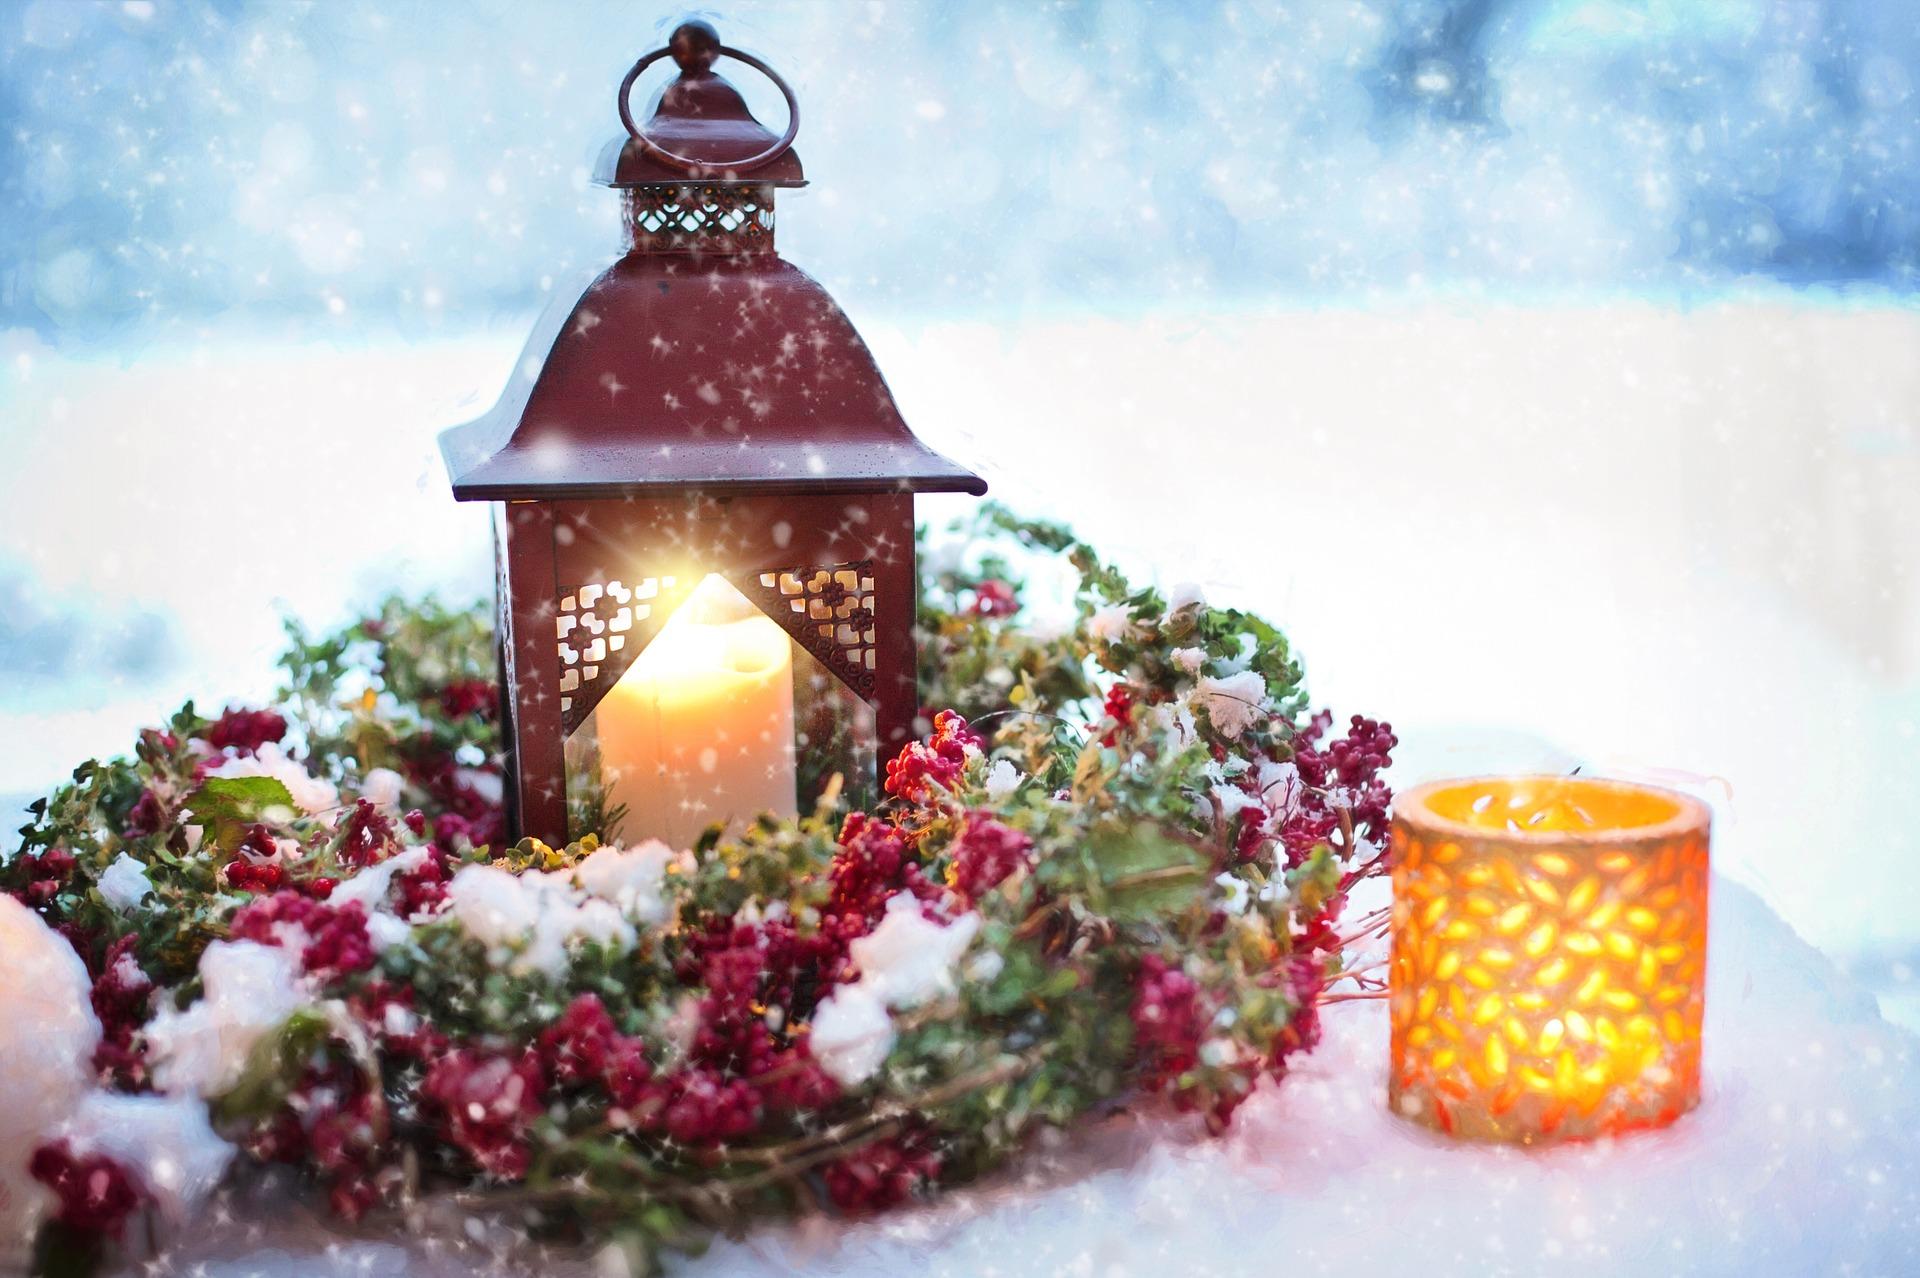 Volop kerstworkshops bij Intratuin Ter Aar - De Nieuwkoper